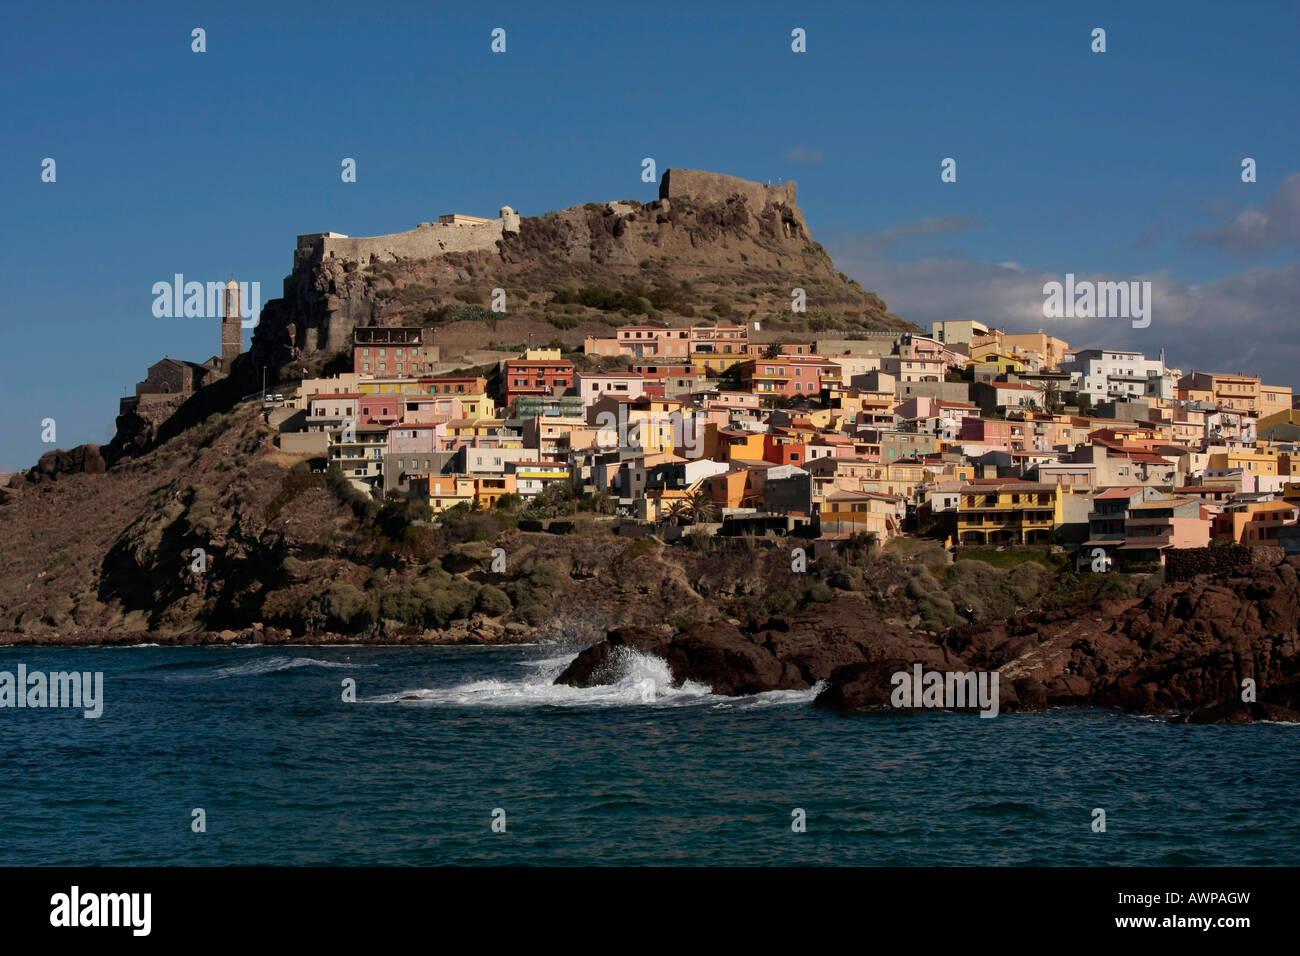 Castelsardo, Sardinia, Italy, Europe Stock Photo